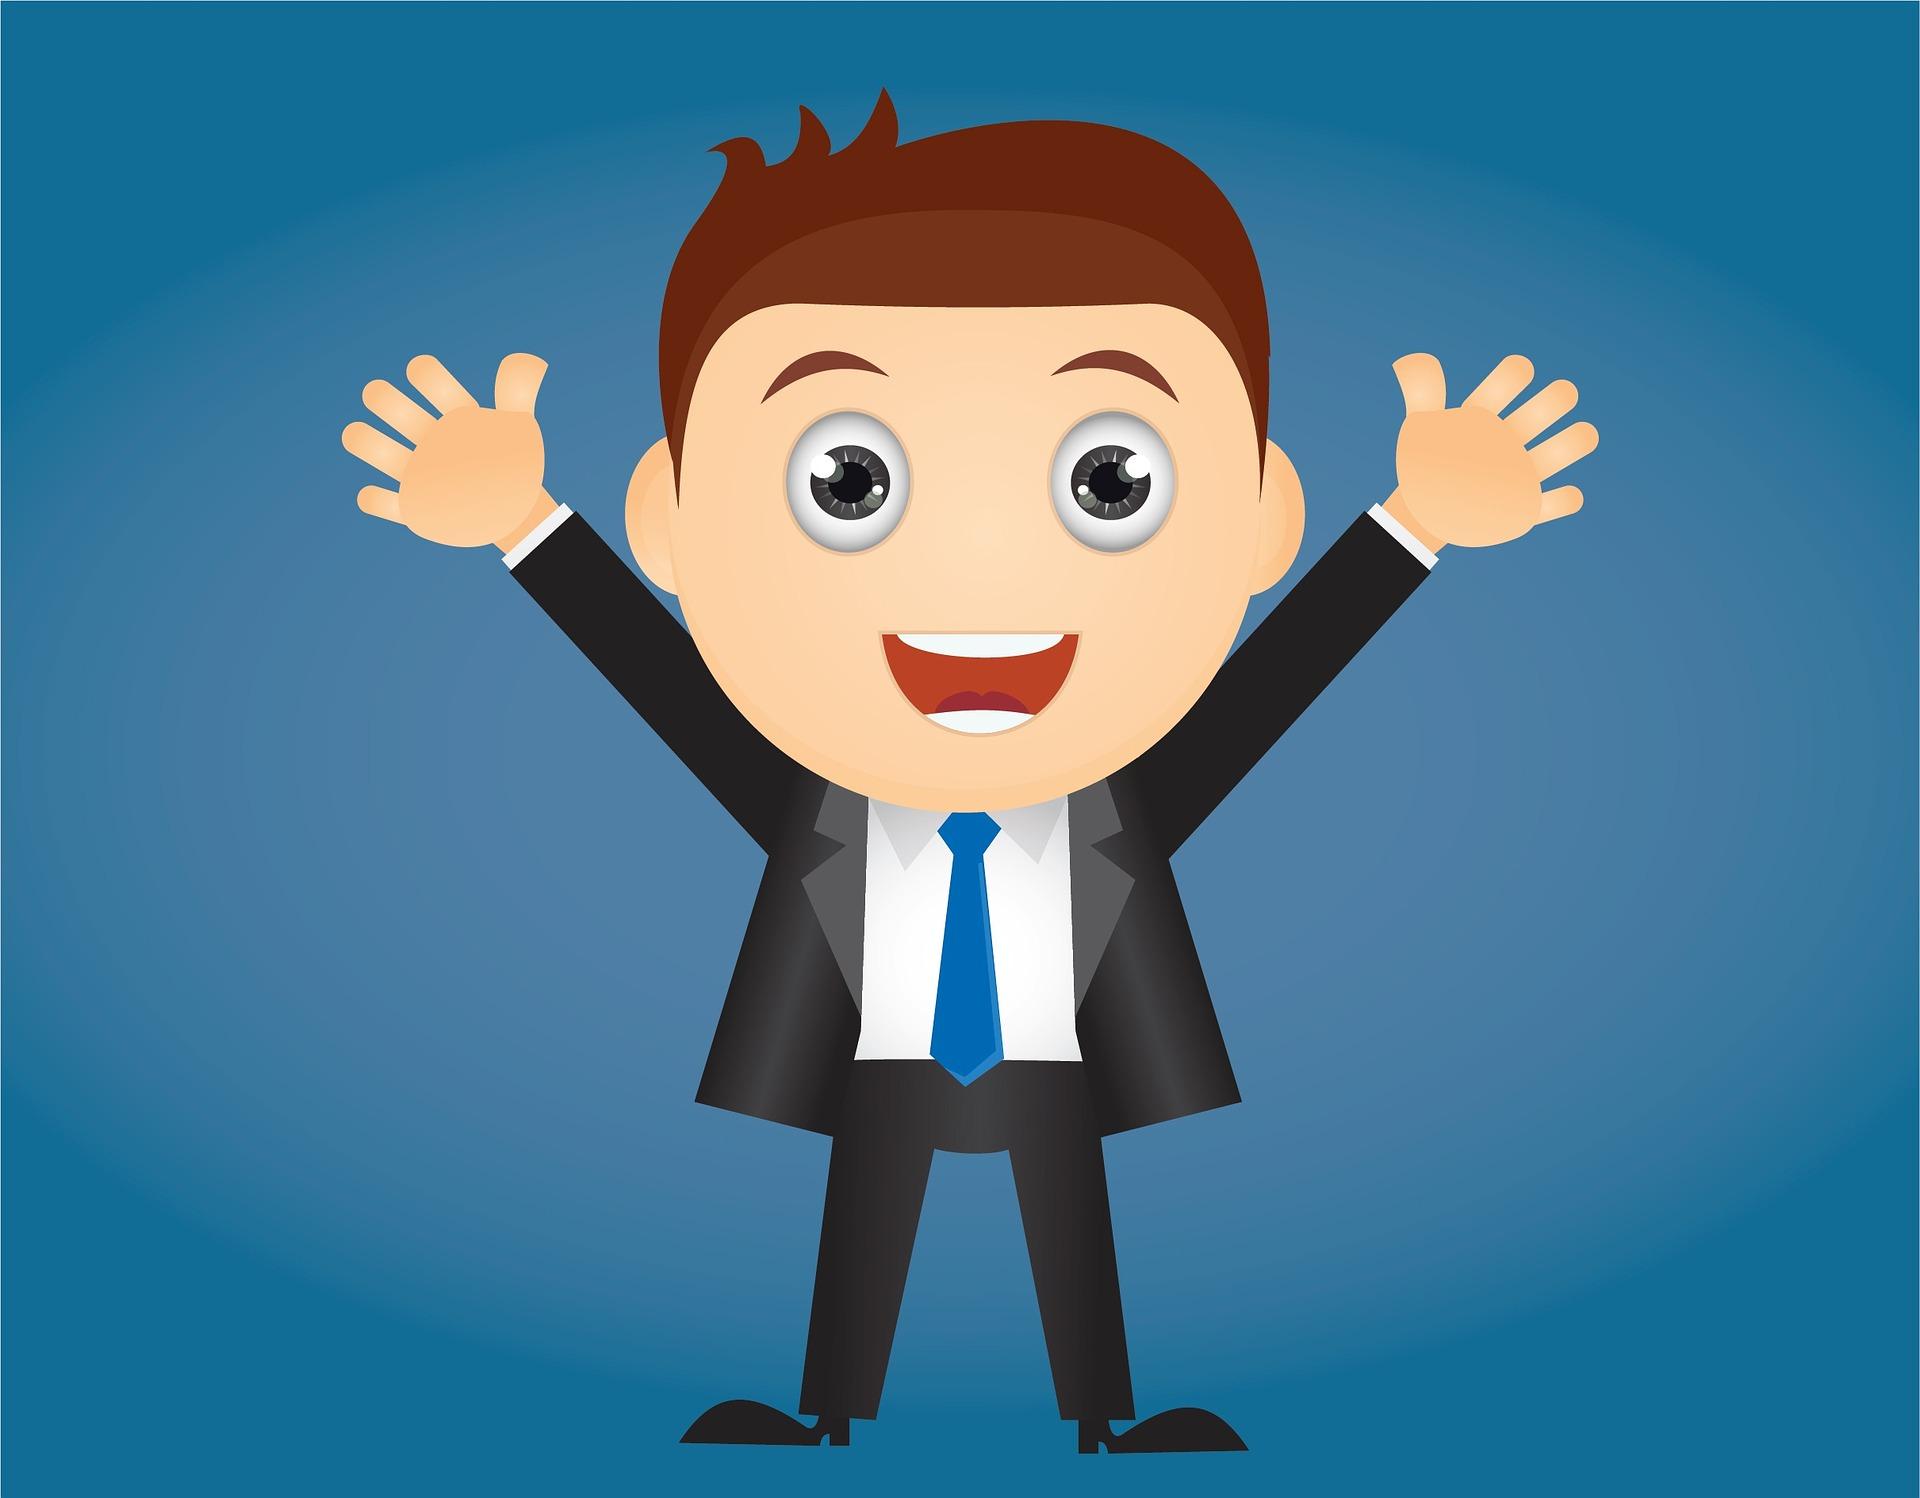 Waarom slimme, ambitieuze mensen ambtenaar worden en blijven